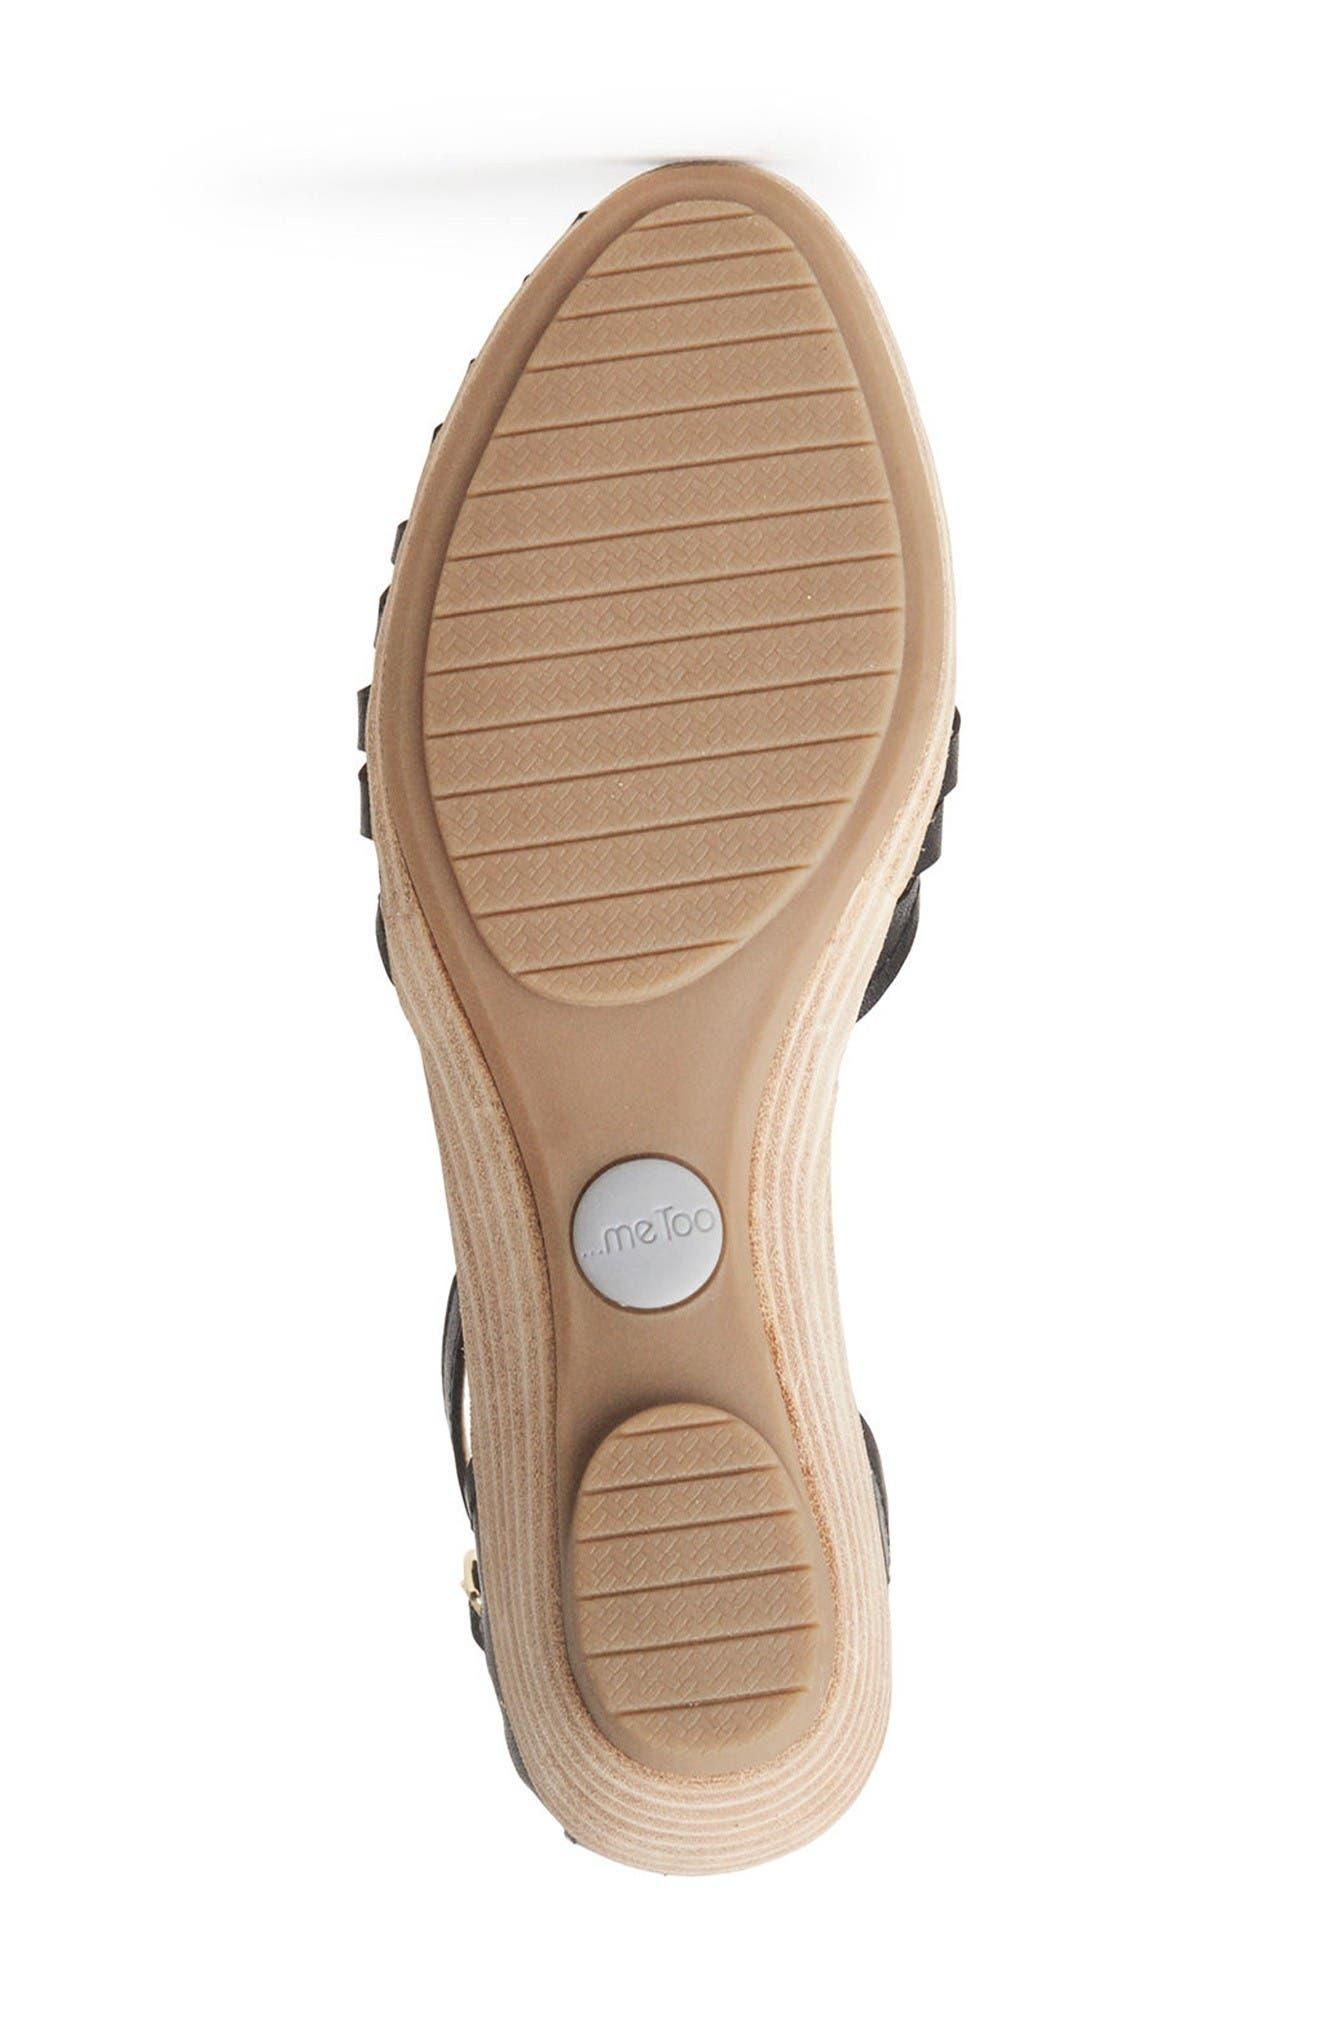 Nalani Ankle Strap Sandal,                             Alternate thumbnail 4, color,                             Black Leather